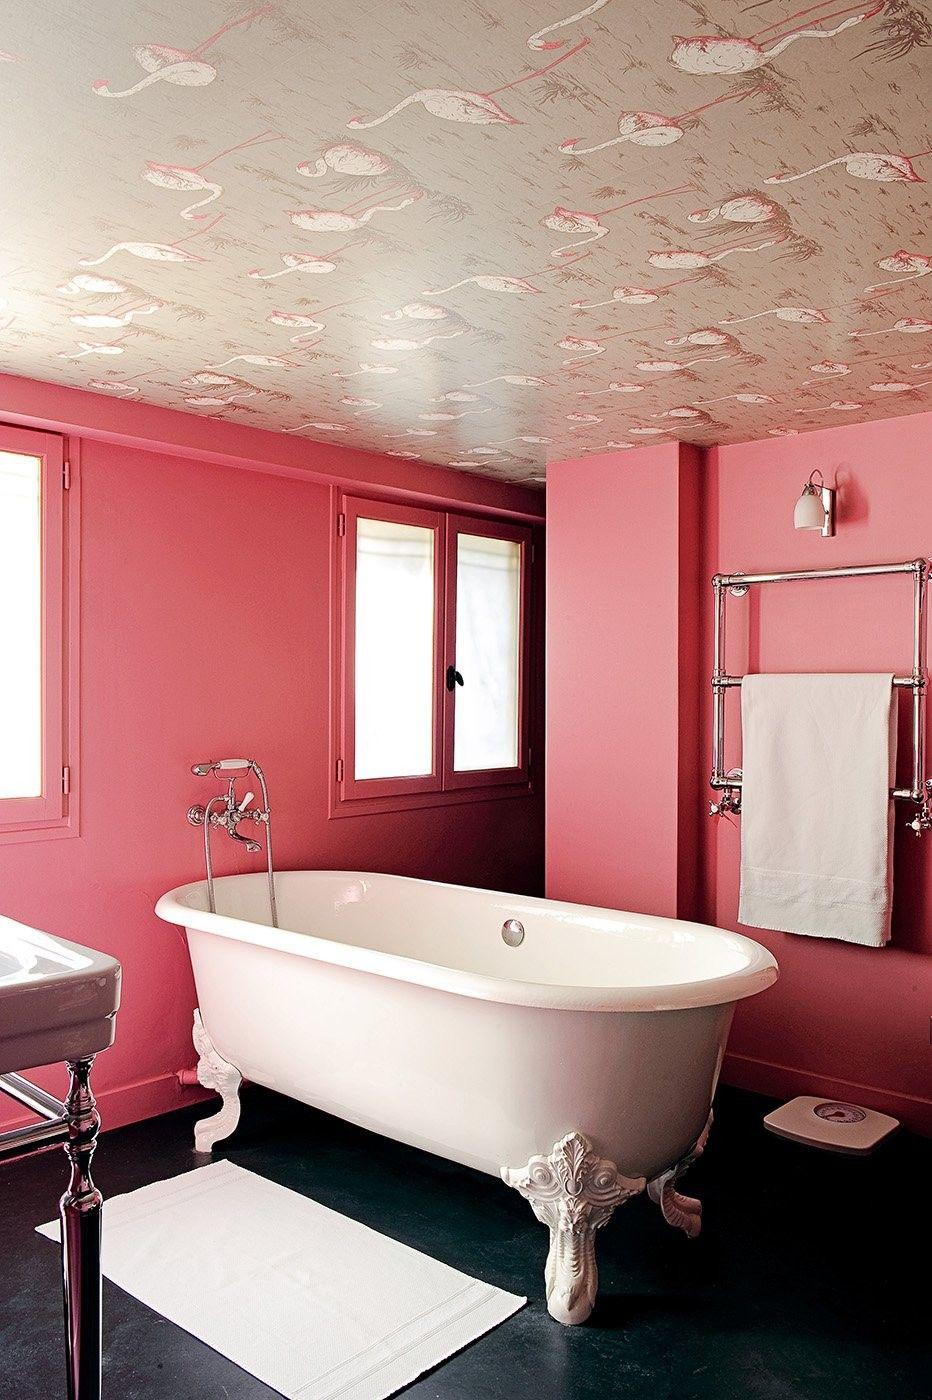 Une baignoire îlot pattes de lion. | Salle de bain rose, Bain rose, Salle de bains rose et gris